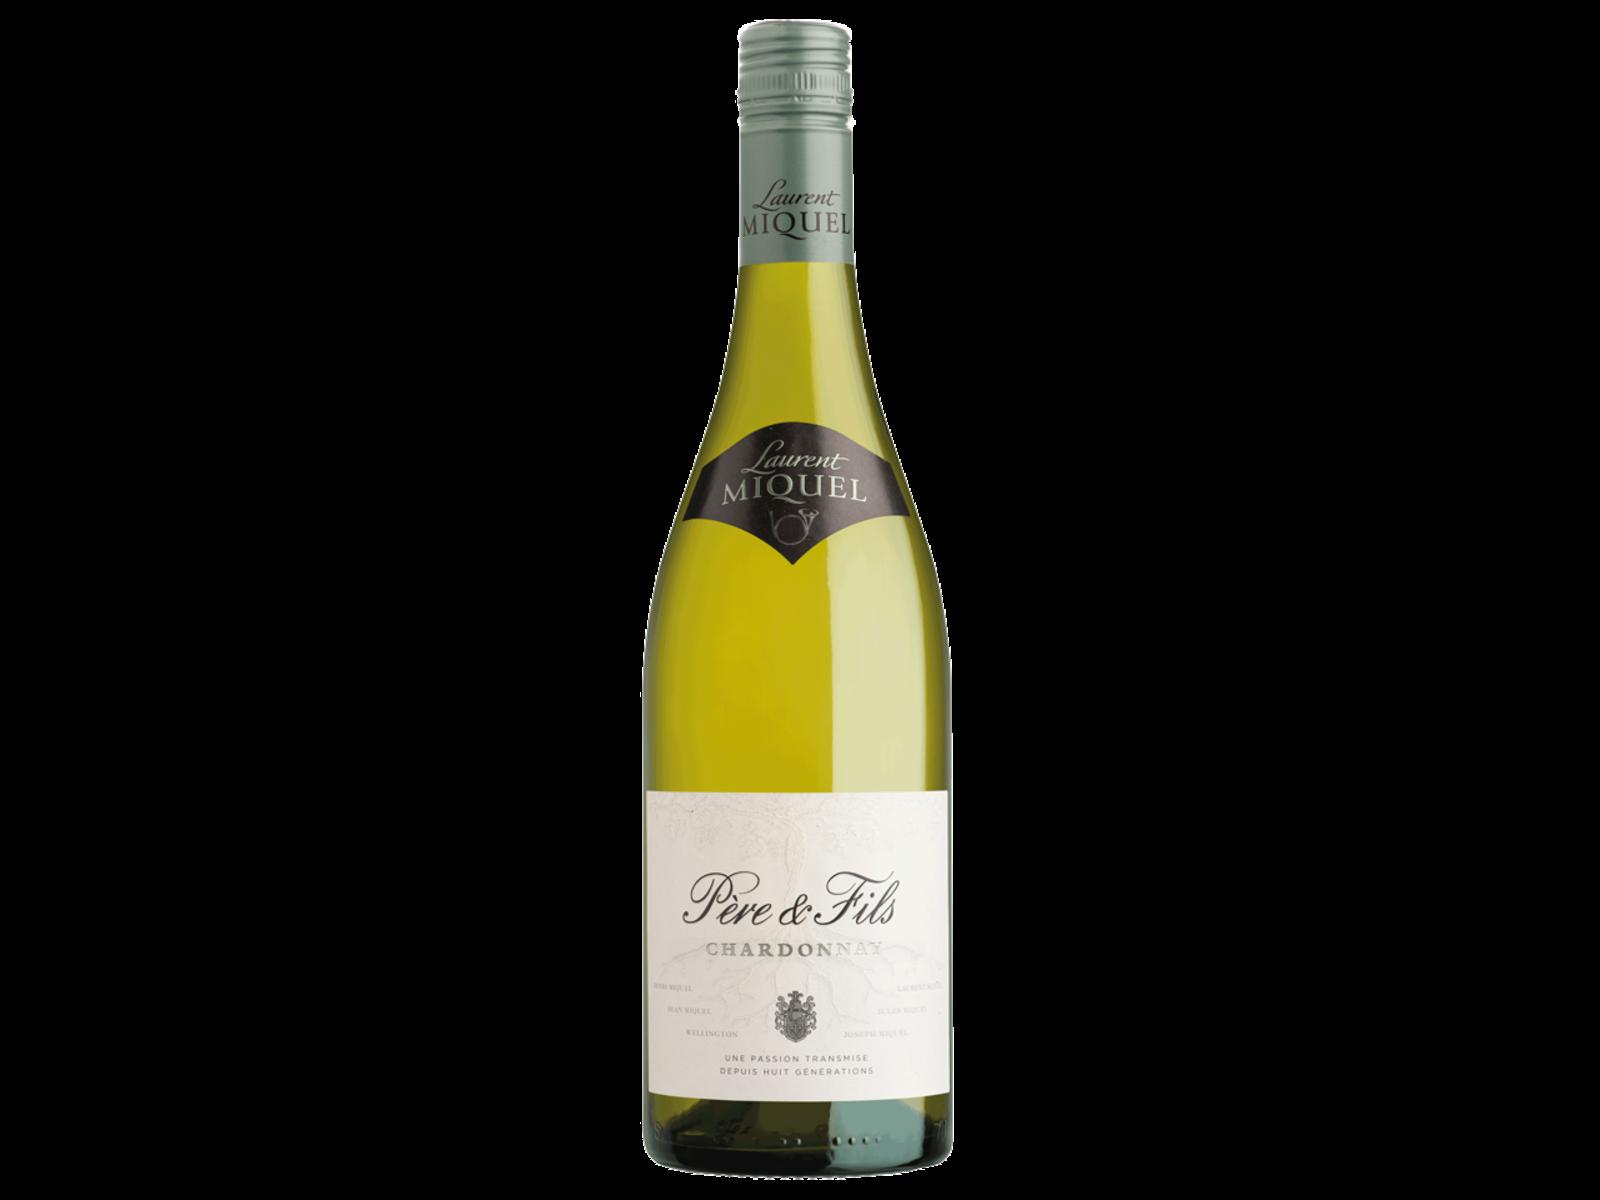 Laurent Miquel Laurent Miquel / Pere et Fils / Chardonnay